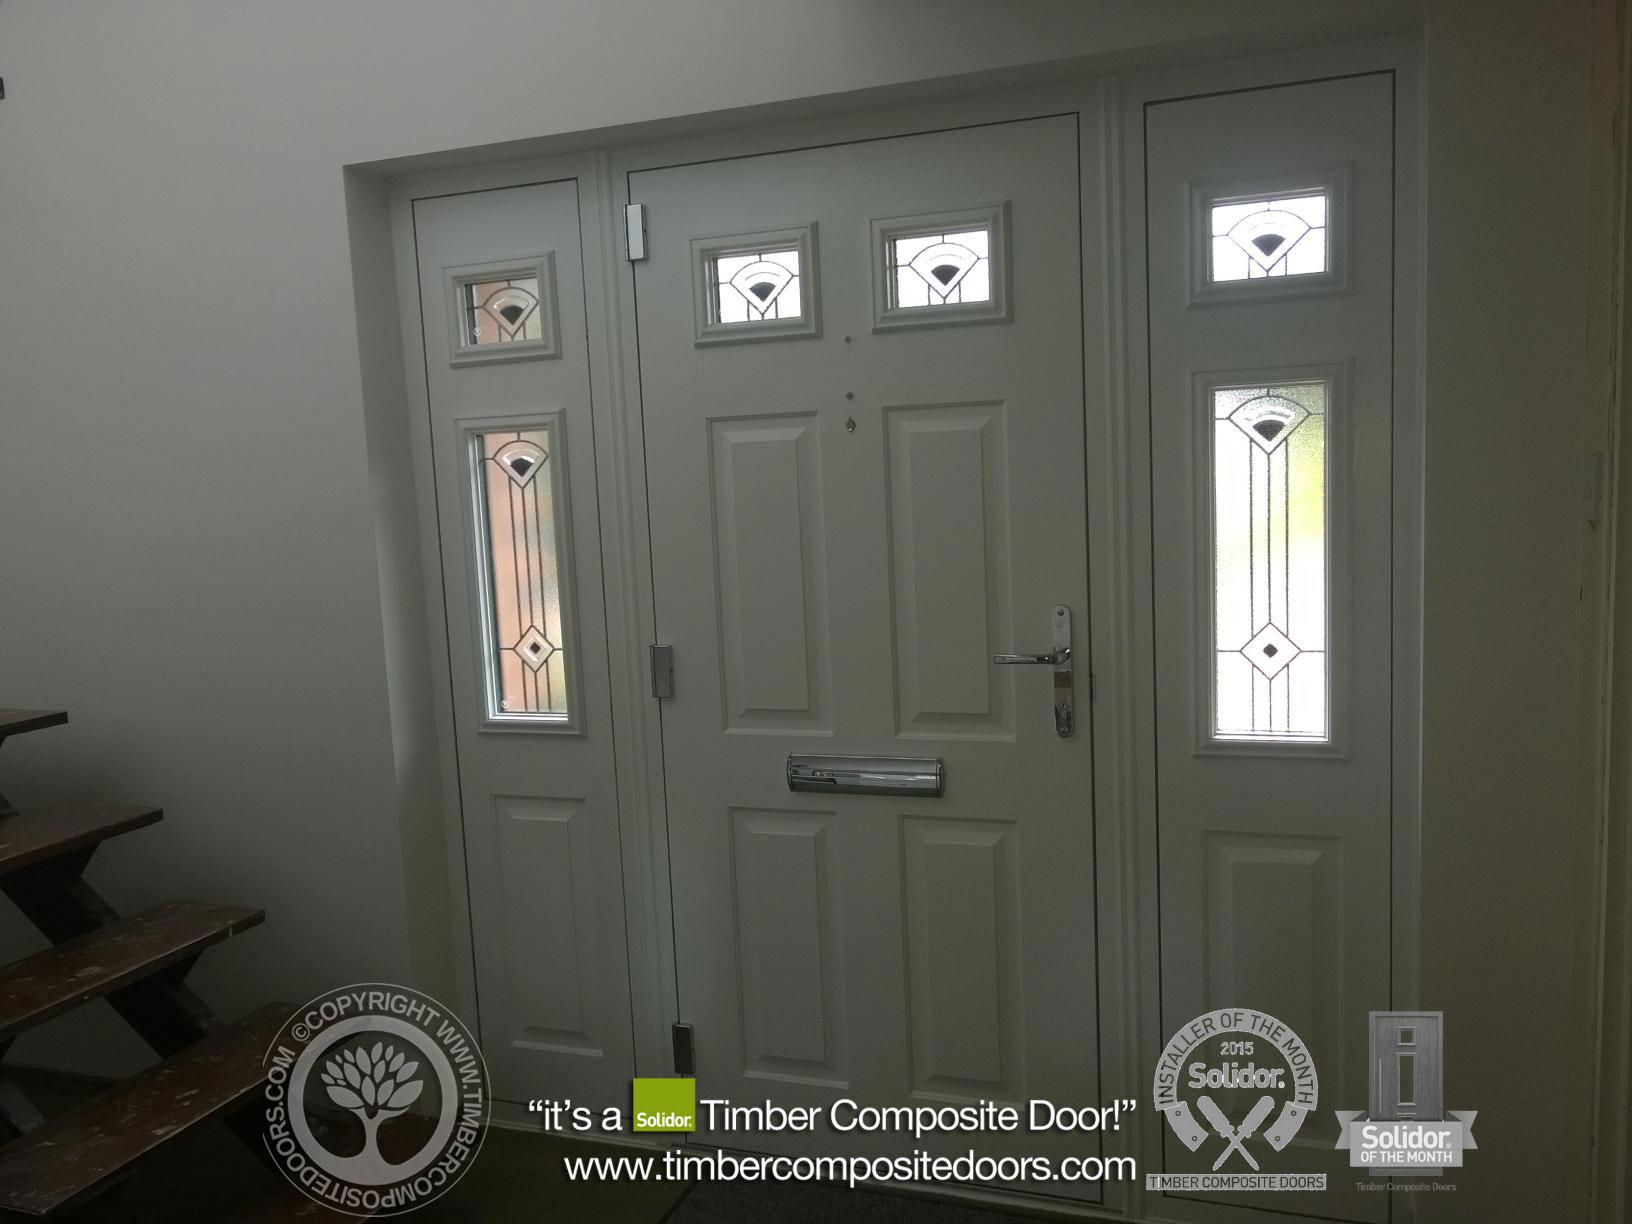 Inside-a-Solidor-Tenby-Timber-Composite-Door